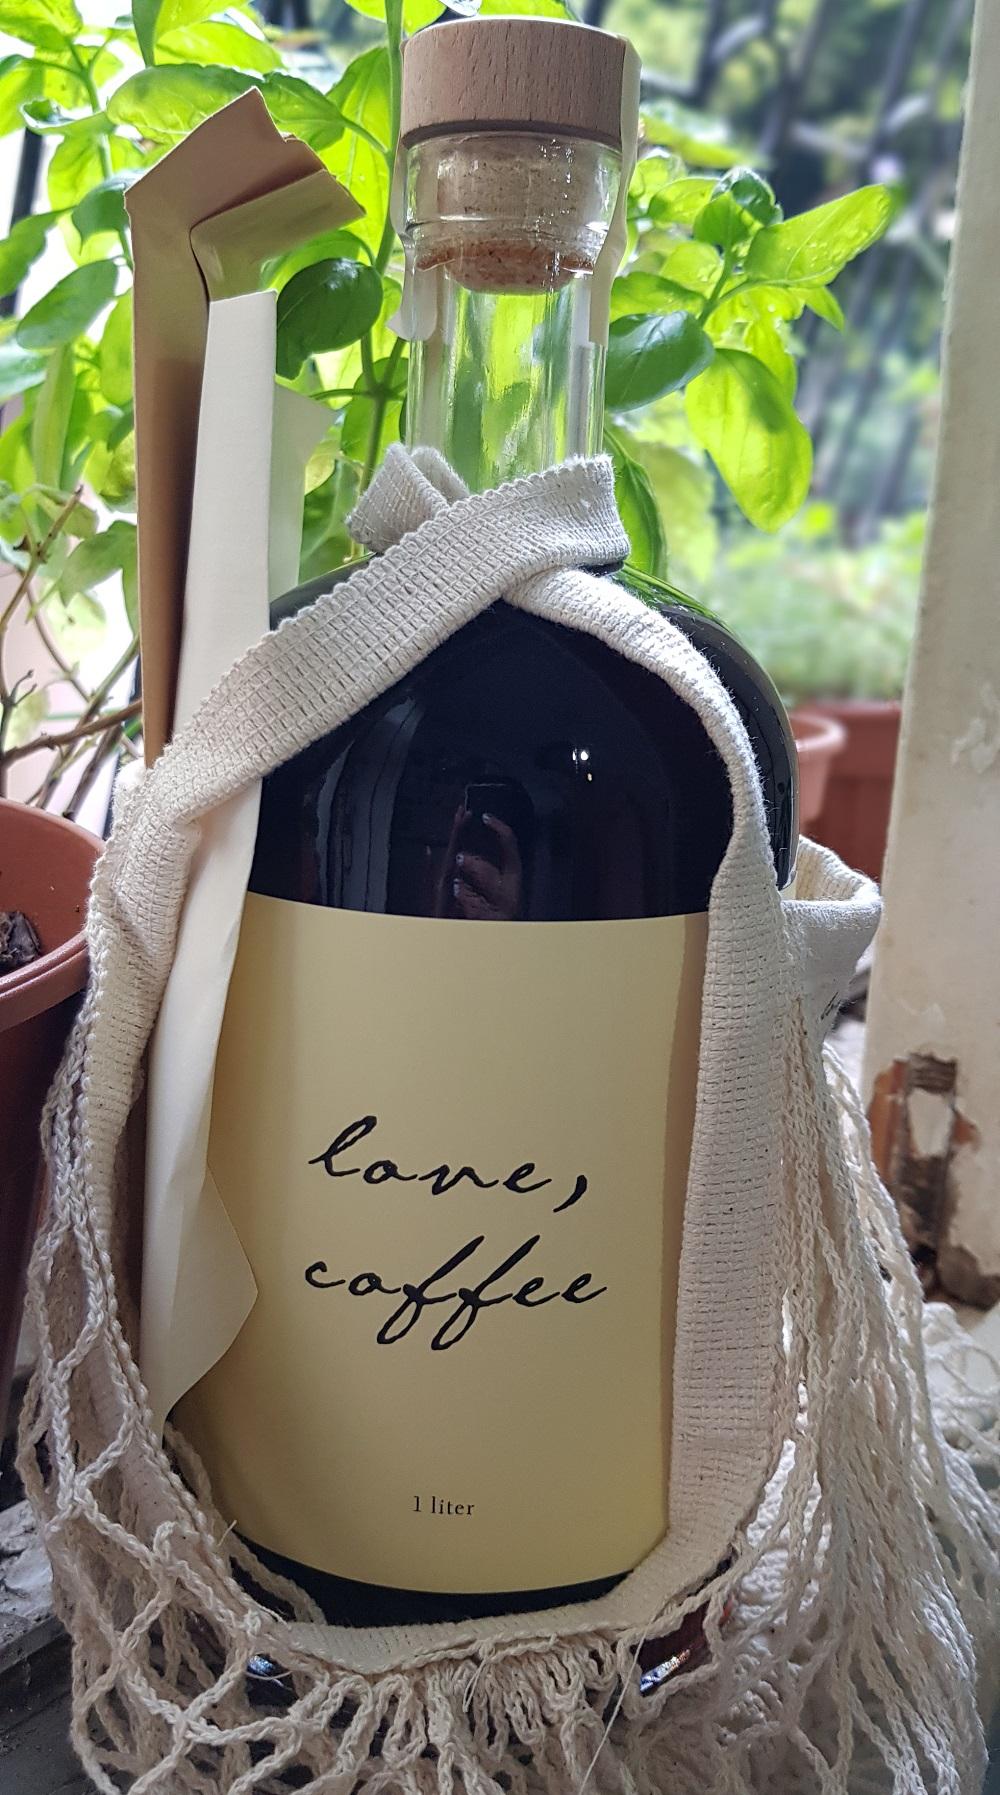 בקבוק קפה קולד ברו של love, coffee